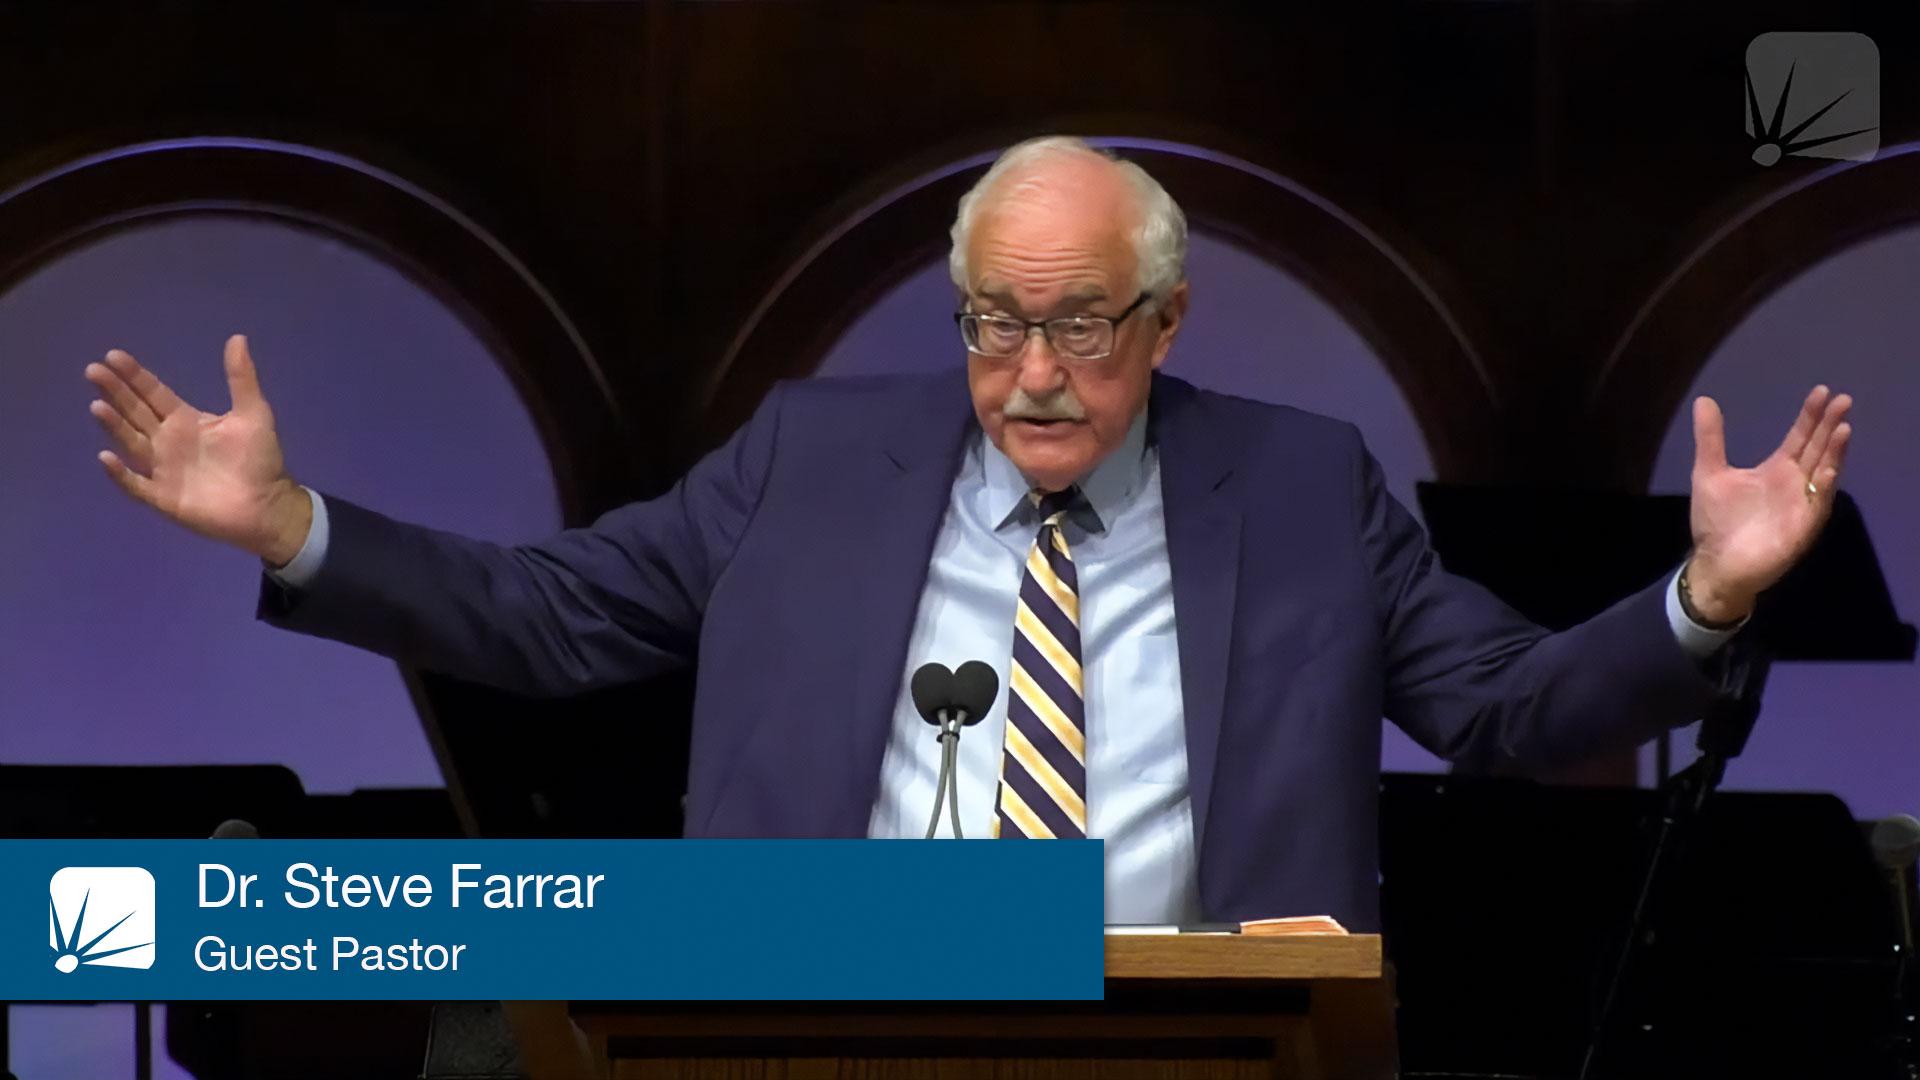 Dr. Steve Farrar